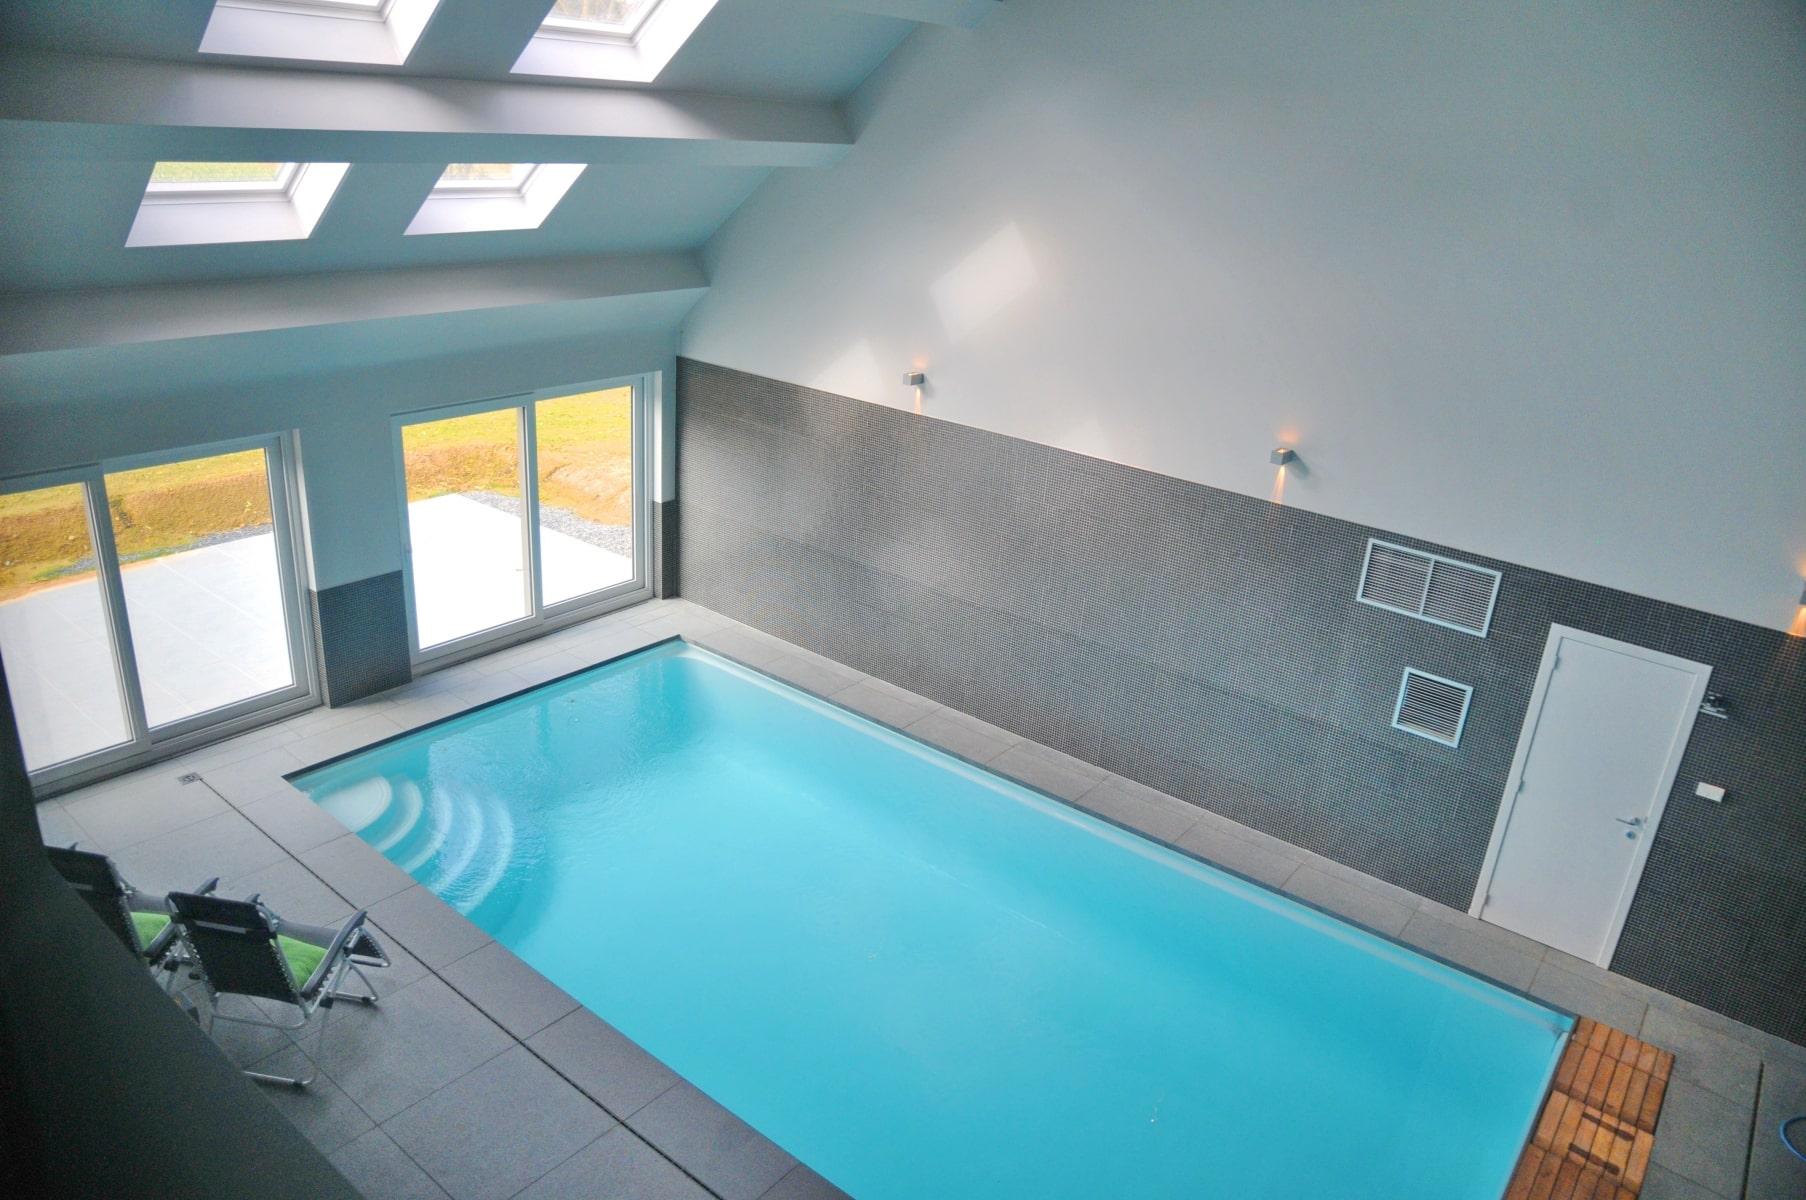 Vakantiehuis met privé binnenzwembad Vakantiedorp Somme Leuze